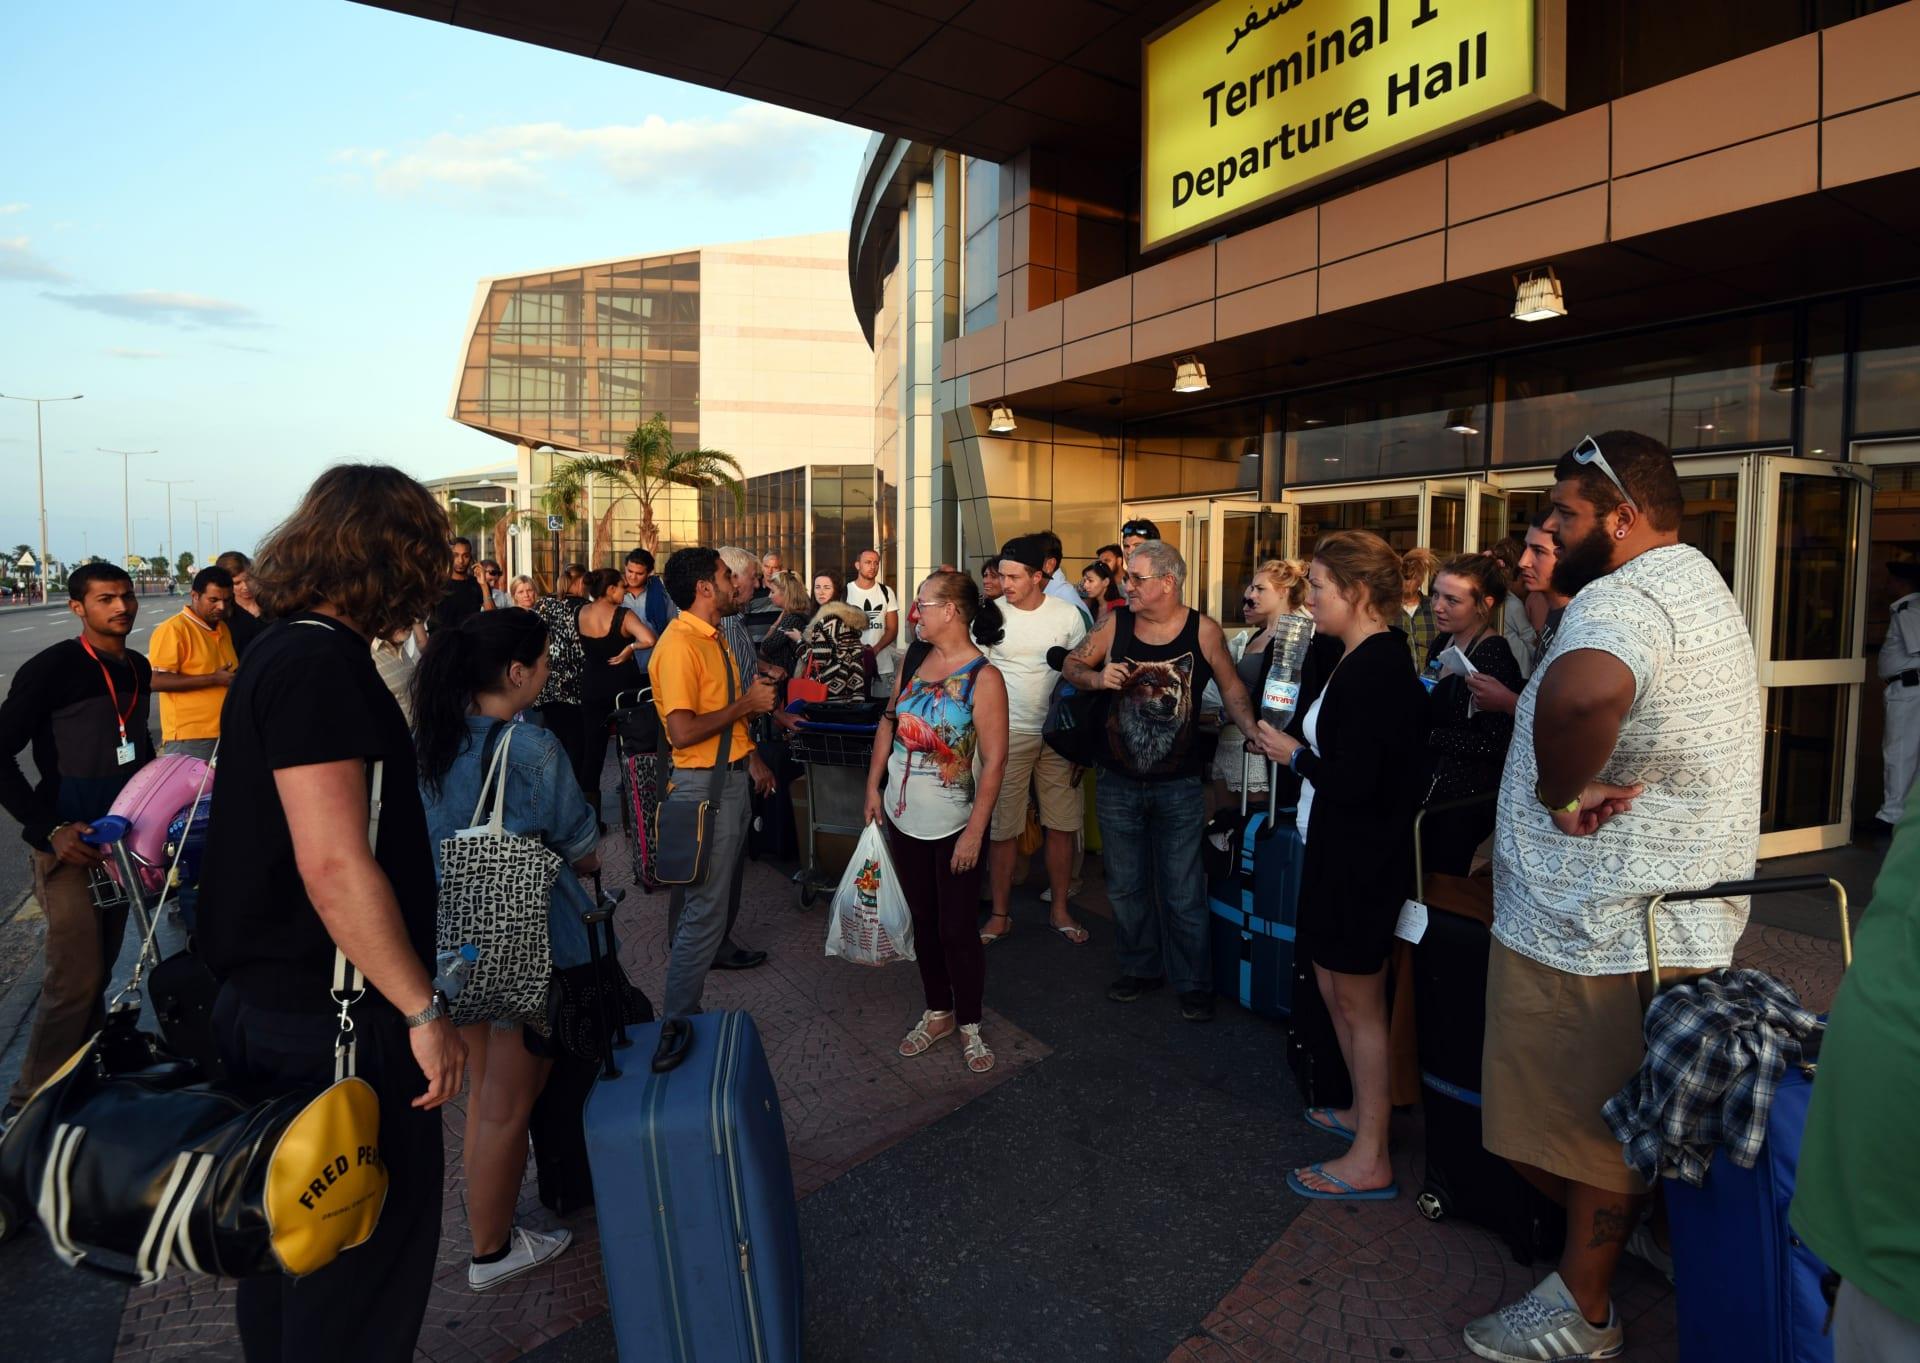 بريطانيا تلغي قيود السفر إلى شرم الشيخ وتعلن استئناف الرحلات الجوية